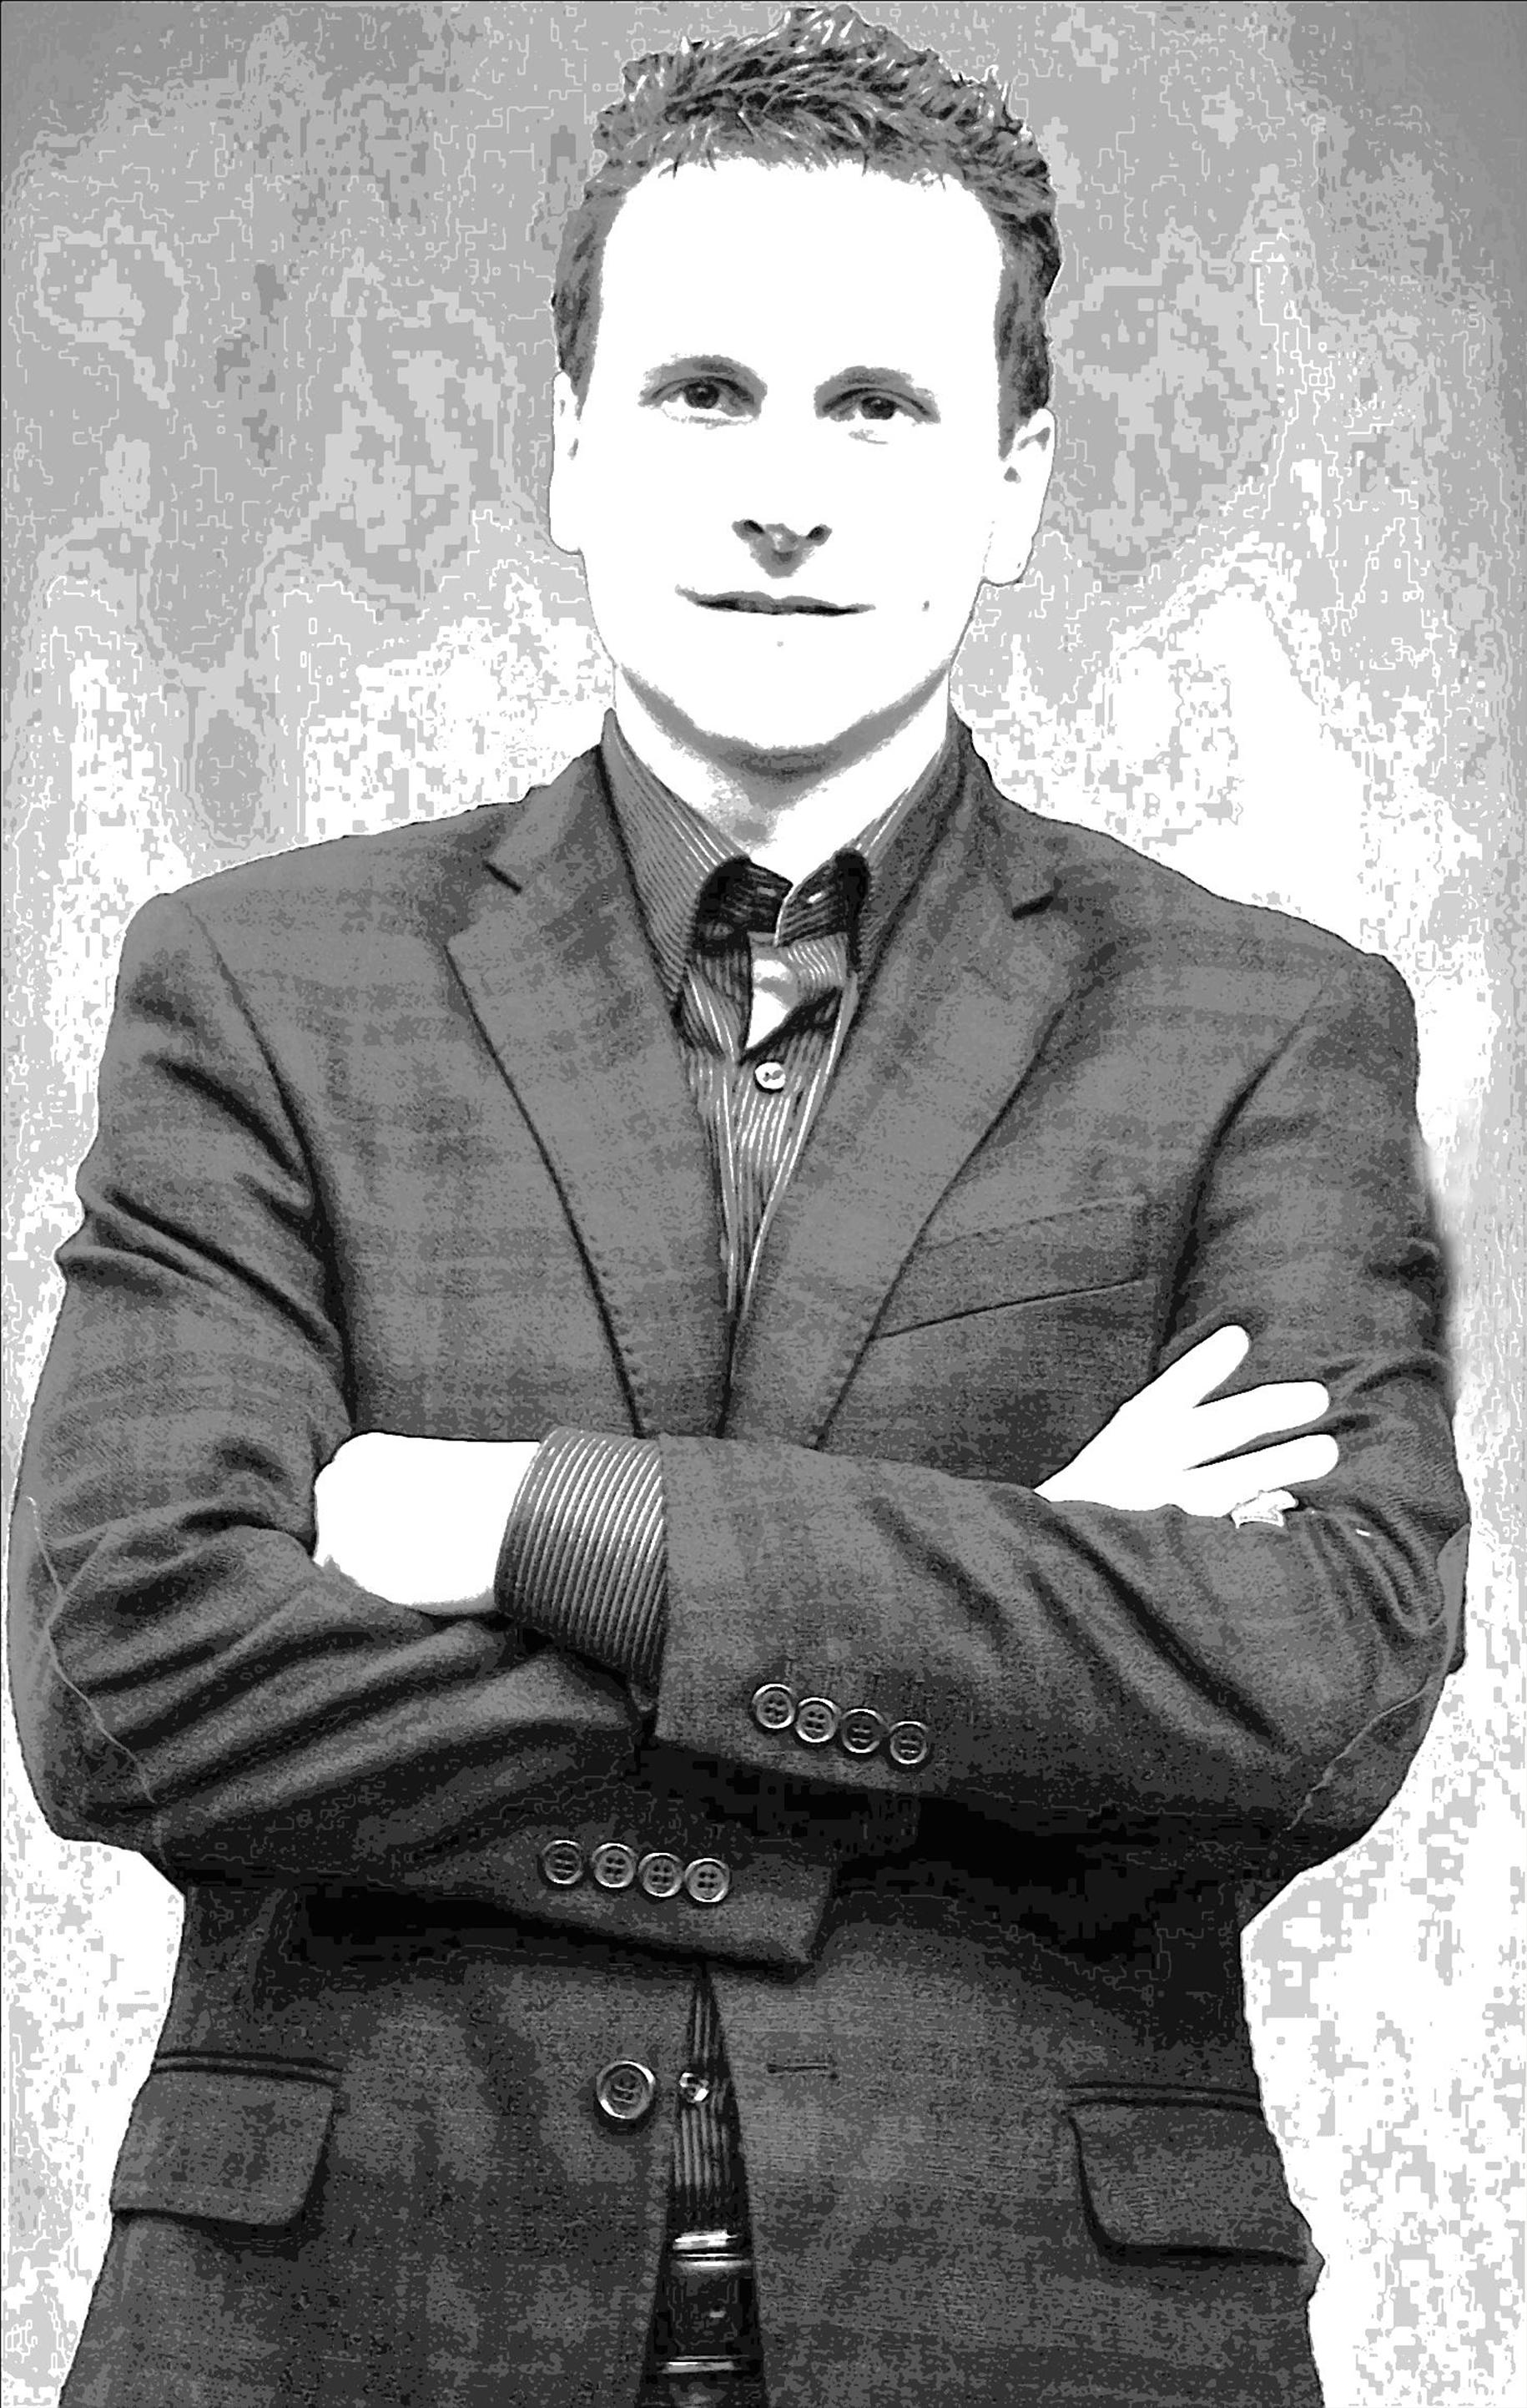 Alberto De Stefano